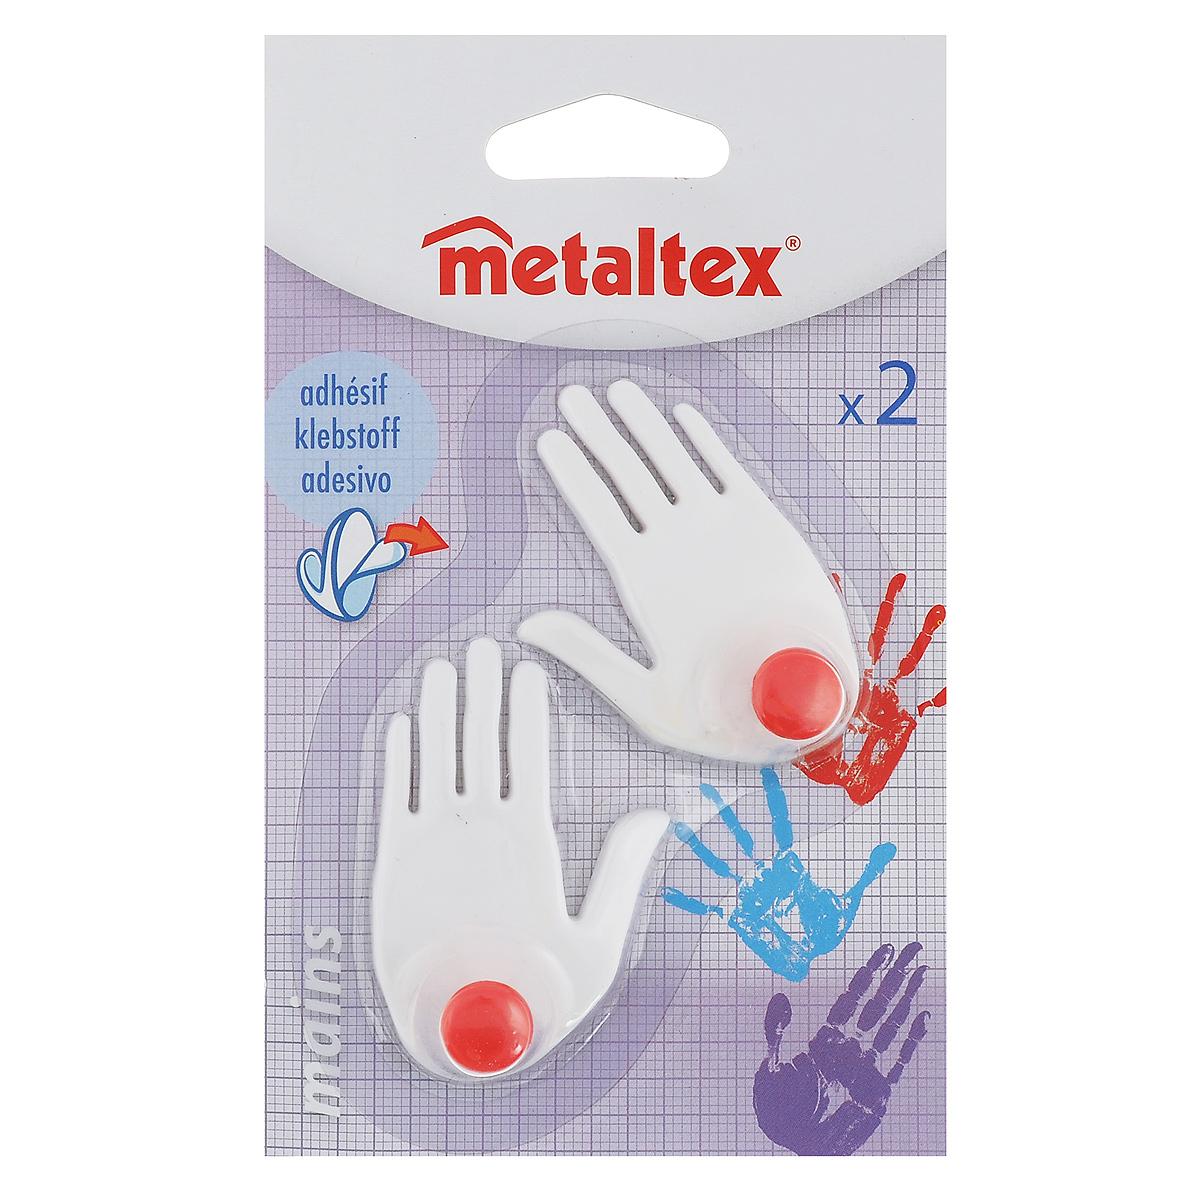 Набор крючков Metaltex Mains, 2 шт29.40.02Набор настенных крючков Metaltex Mains изготовлен из прочного пластика ввиде левой и правой руки. Они прекрасно подойдут для вашей ванной комнатыили кухни и не займут много места, надежно выдержав все, что вына них повесите. Крючки могут крепится на стену с помощью липкой лентыкоторая находится на задней стороне крючка. Размер крючка: 4 х 1,5 х 6 см. Комплектация: 2 шт.